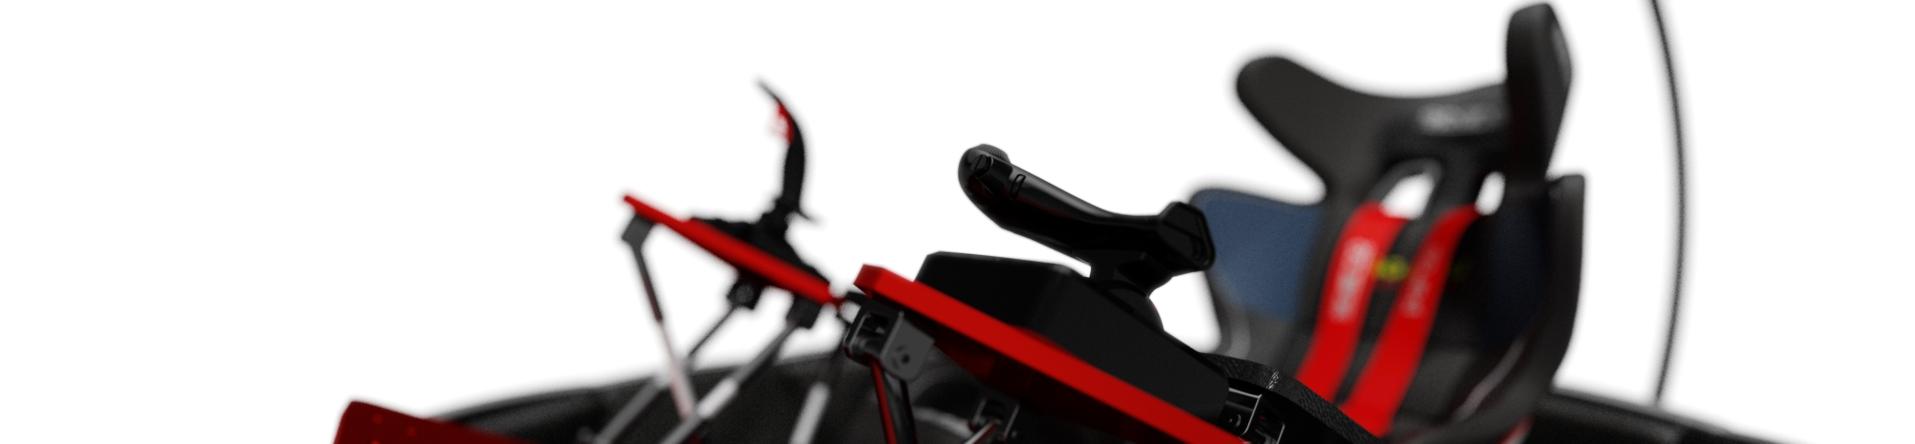 throttle9